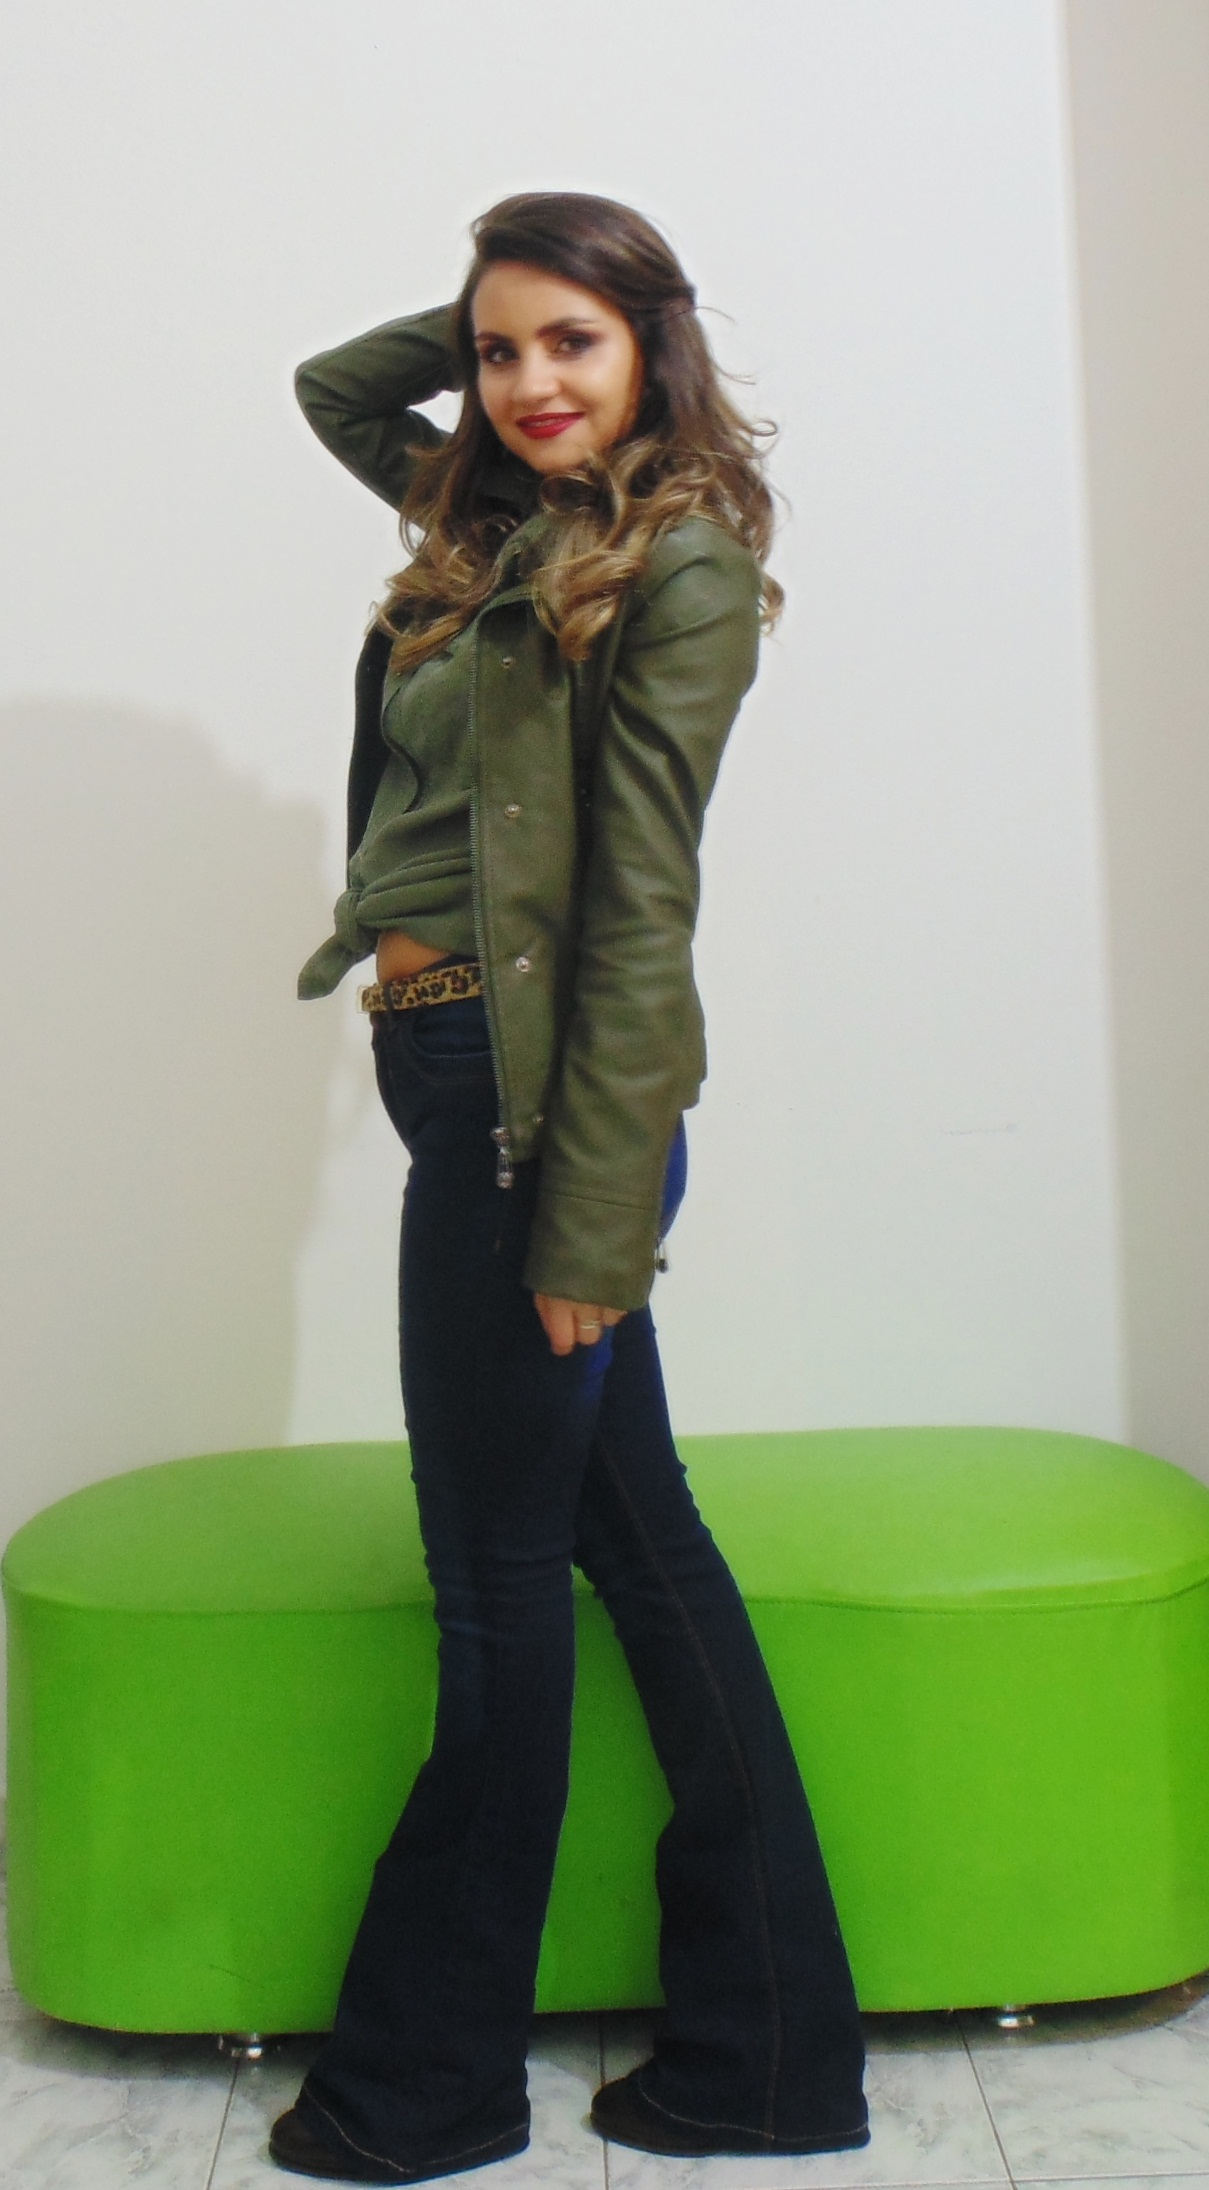 DSC02251 Look da Ka: Flare Jeans + Militar